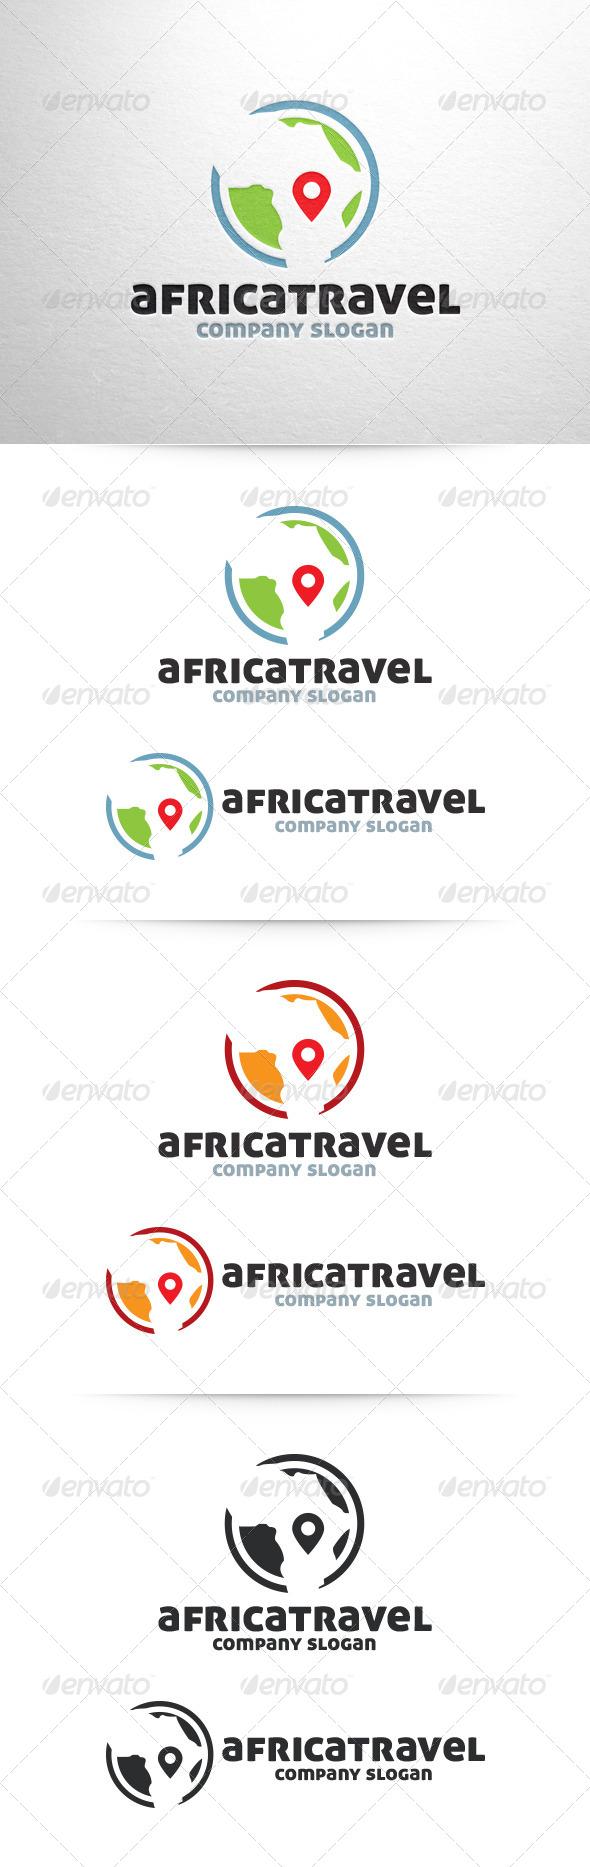 GraphicRiver Africa Travel Logo 6461963